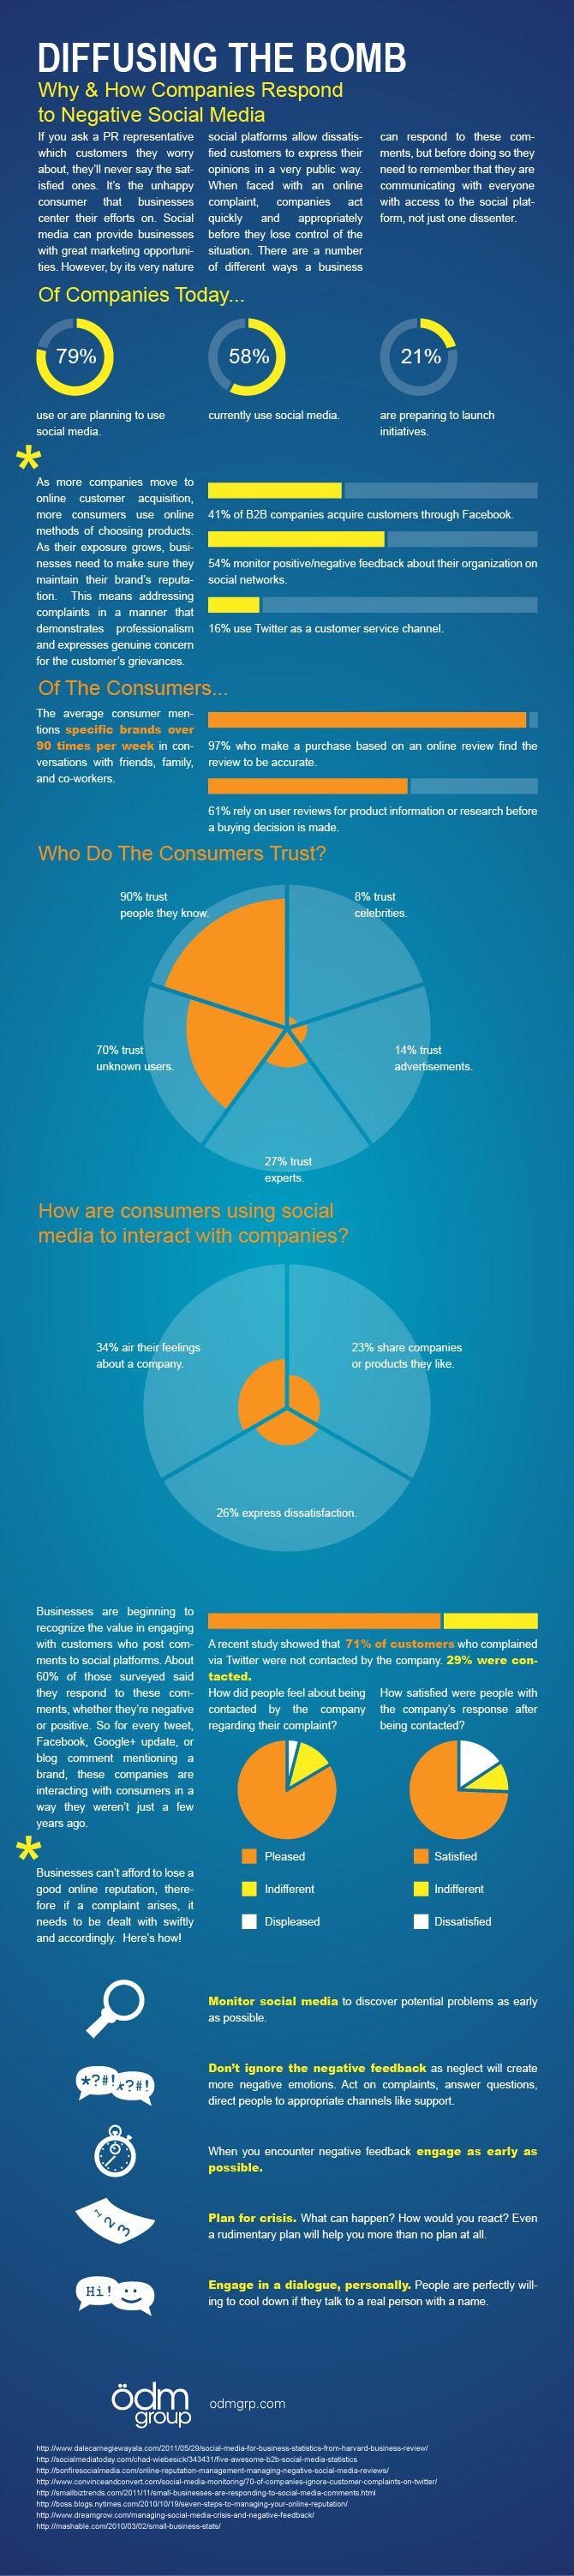 como las compañías responden a los comentarios negativos en los medios sociales